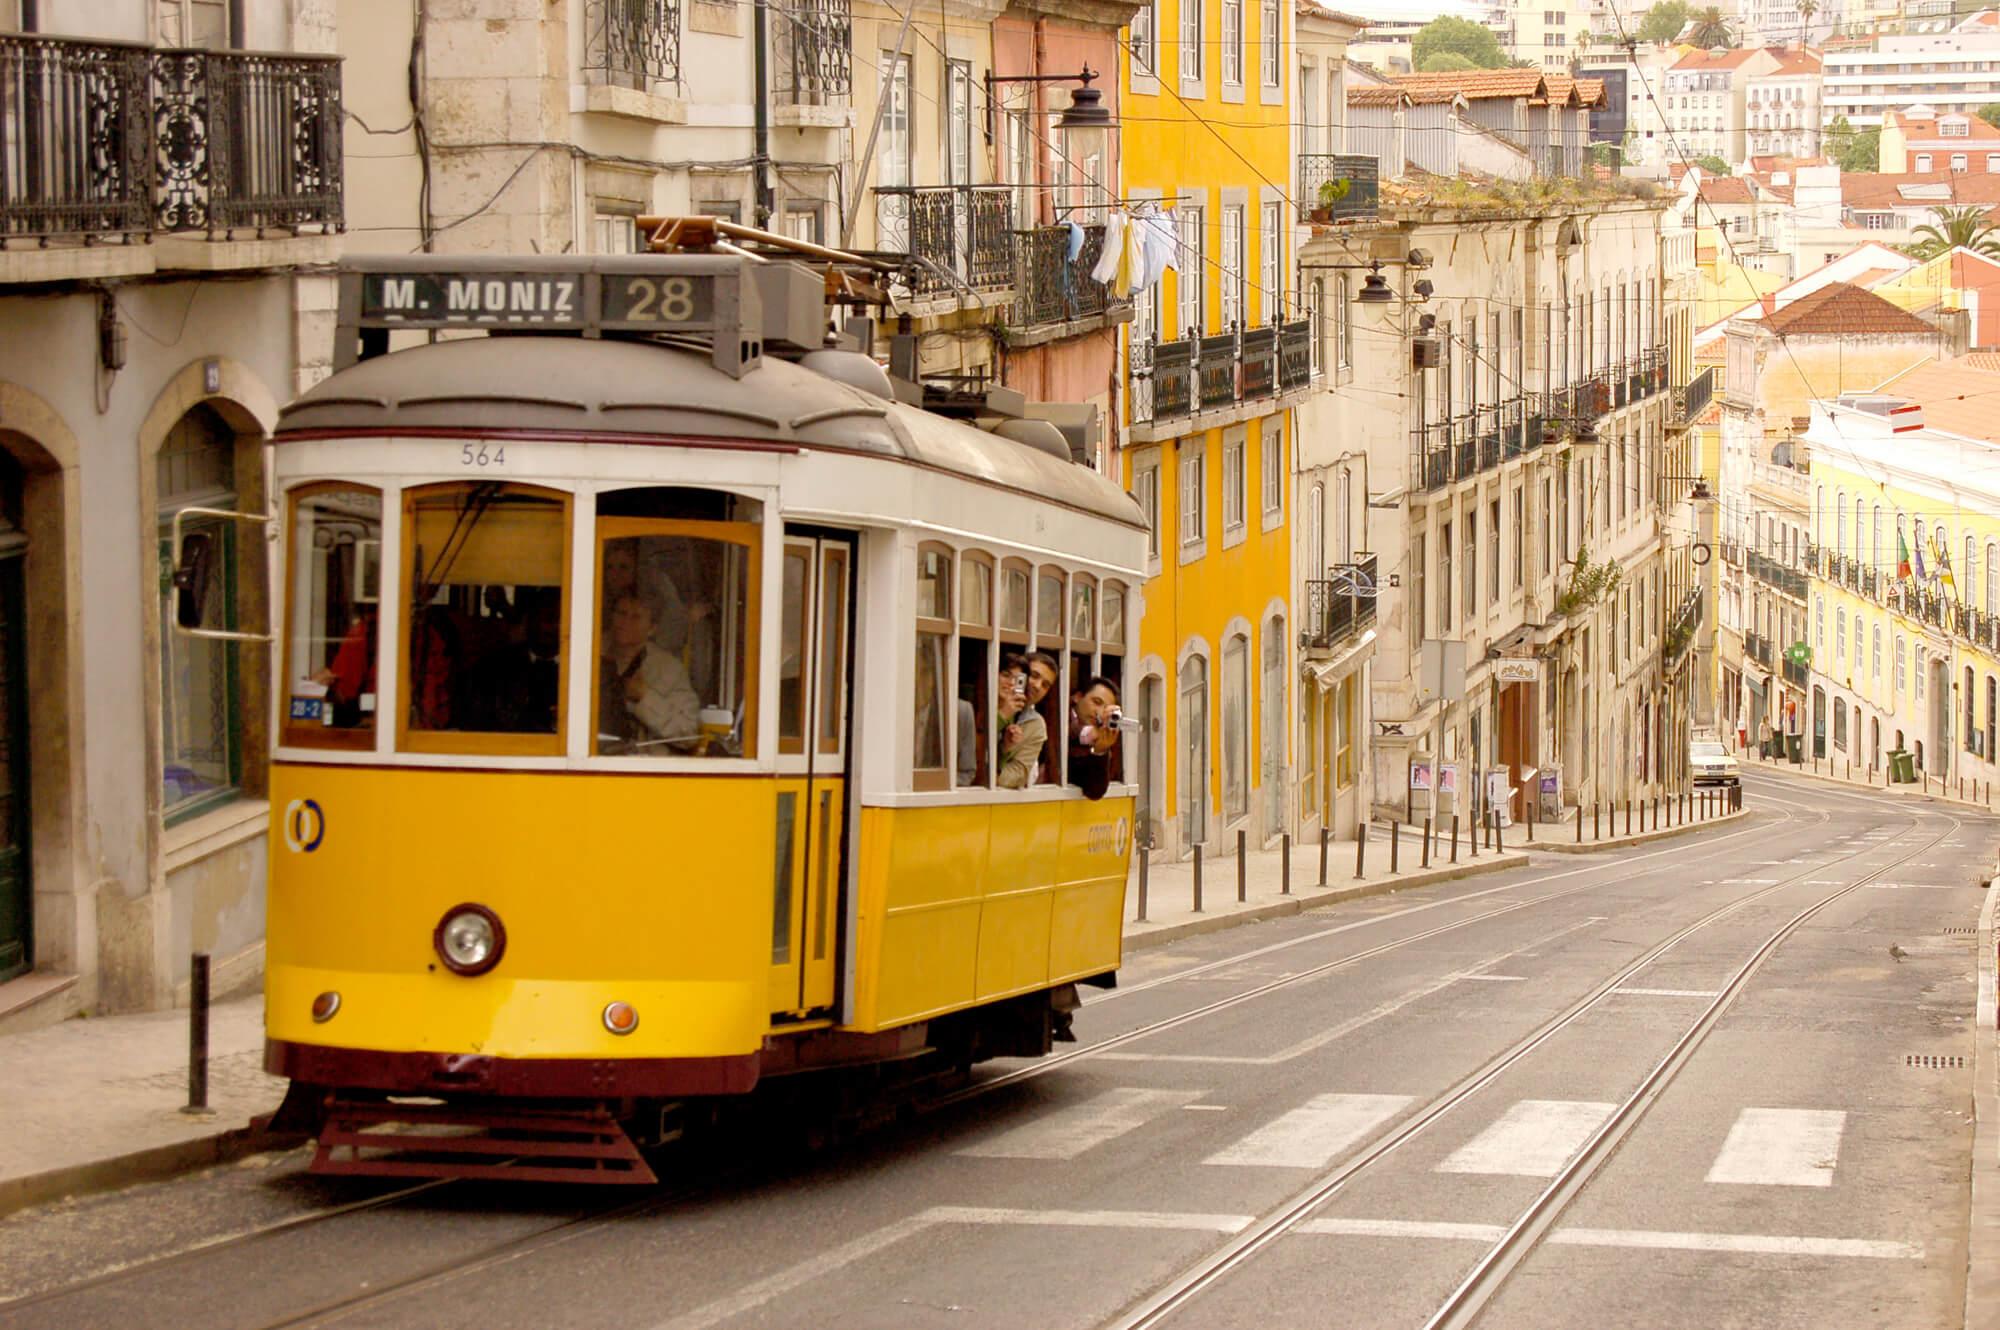 Трамвай №28 с пассажирами, Лиссабон